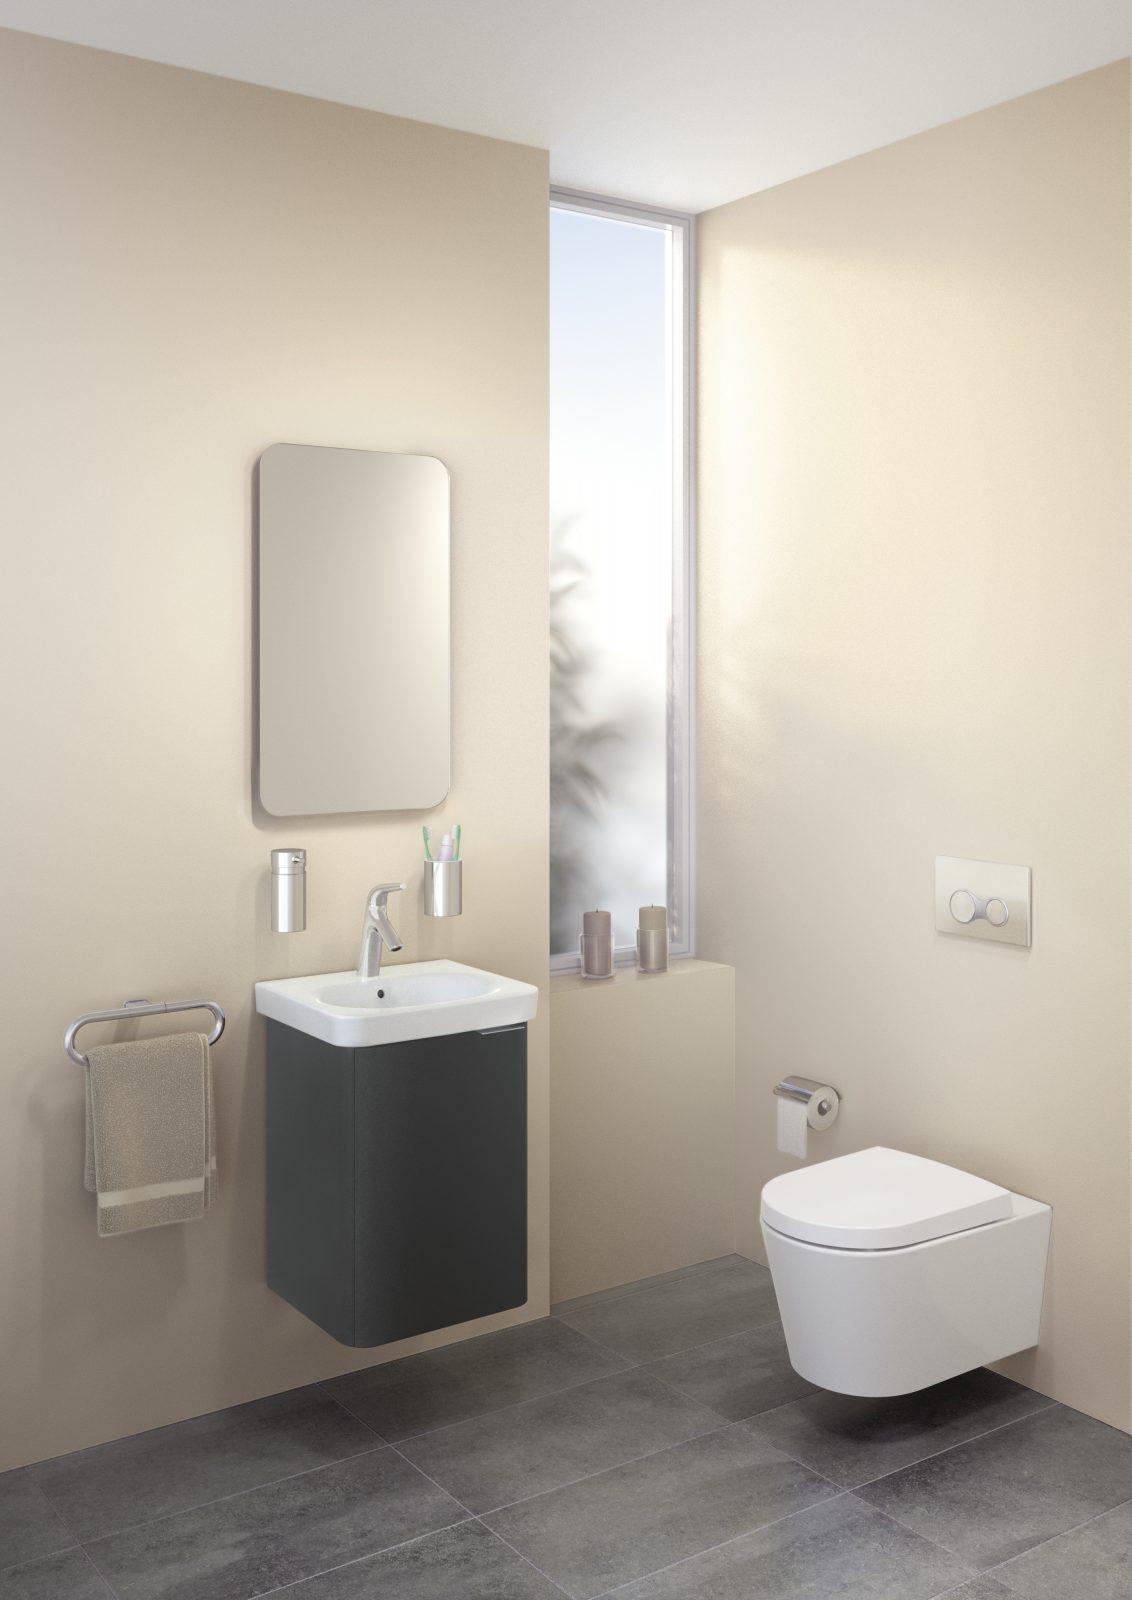 Lave mains sur meuble dans la salle de bain fiche for Meuble vitra